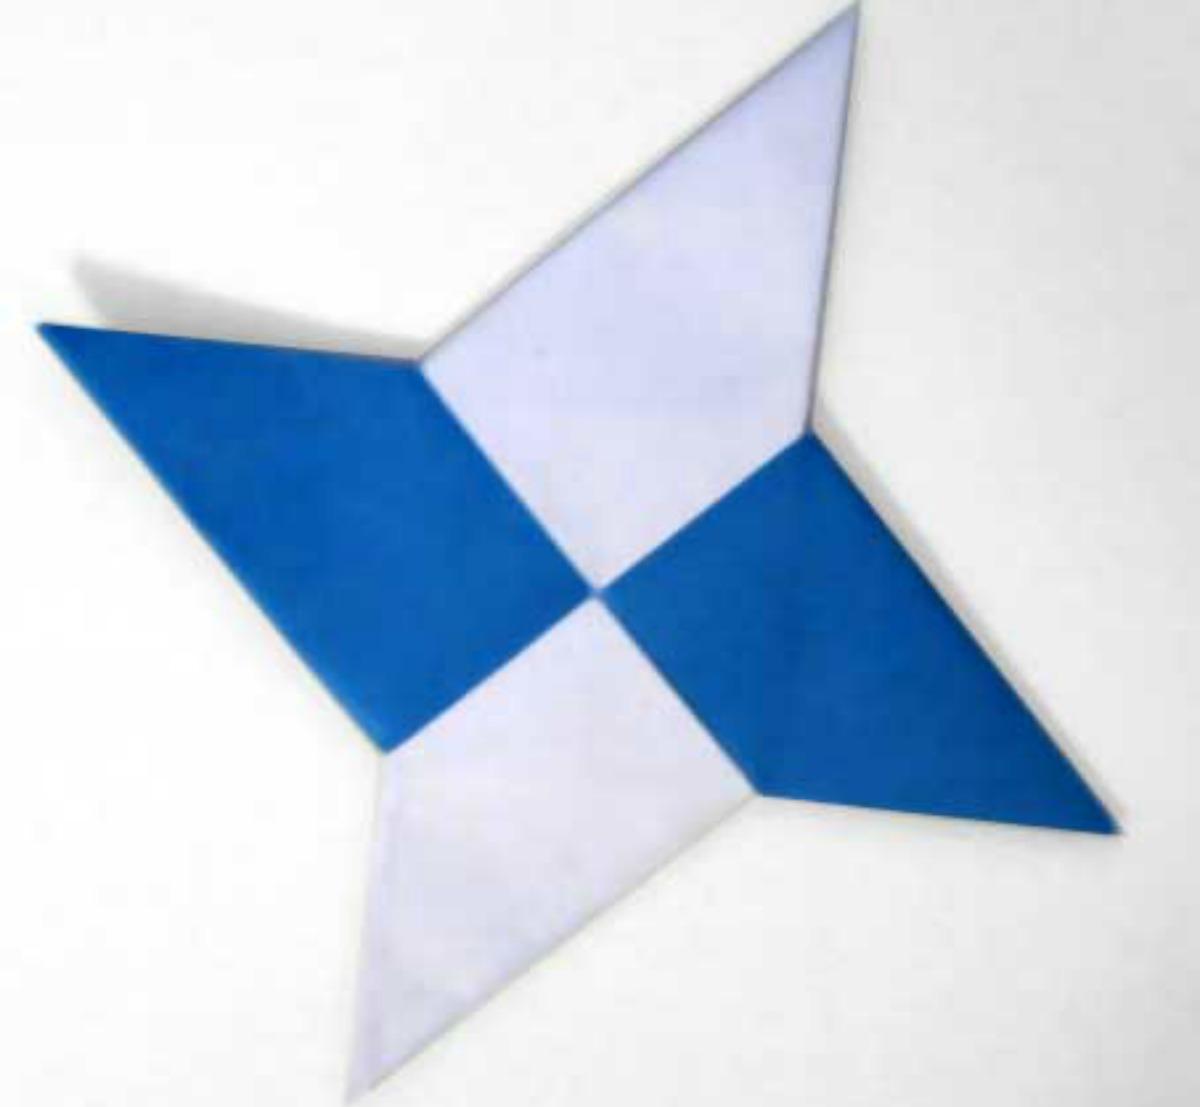 Как сделать сюрикен из бумаги схема легкая